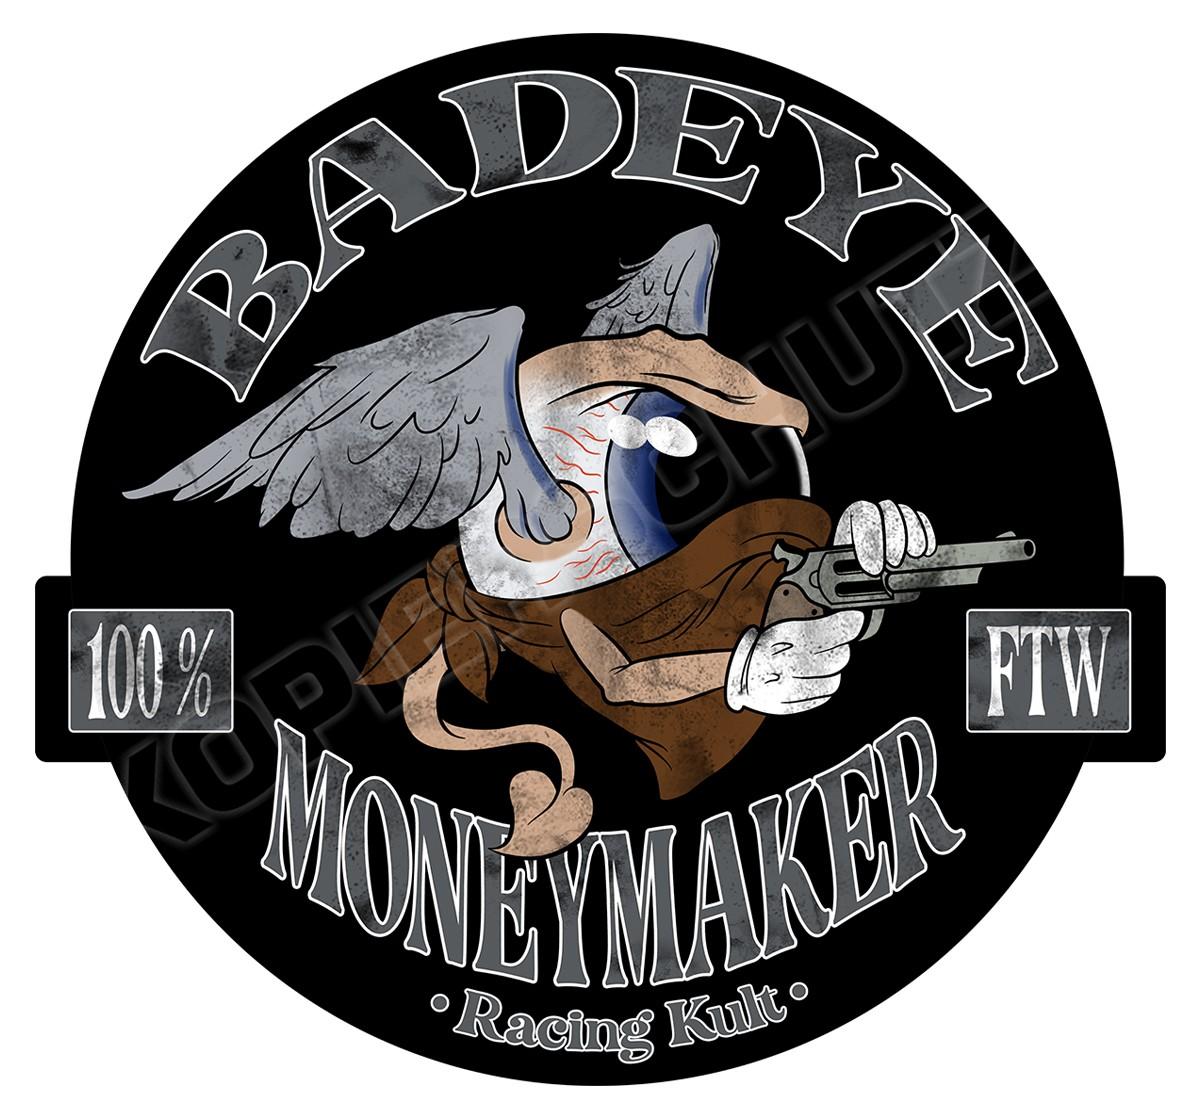 Racing Kult Aufkleber Badeye Moneymaker Schwarz in verschiedenen Größen